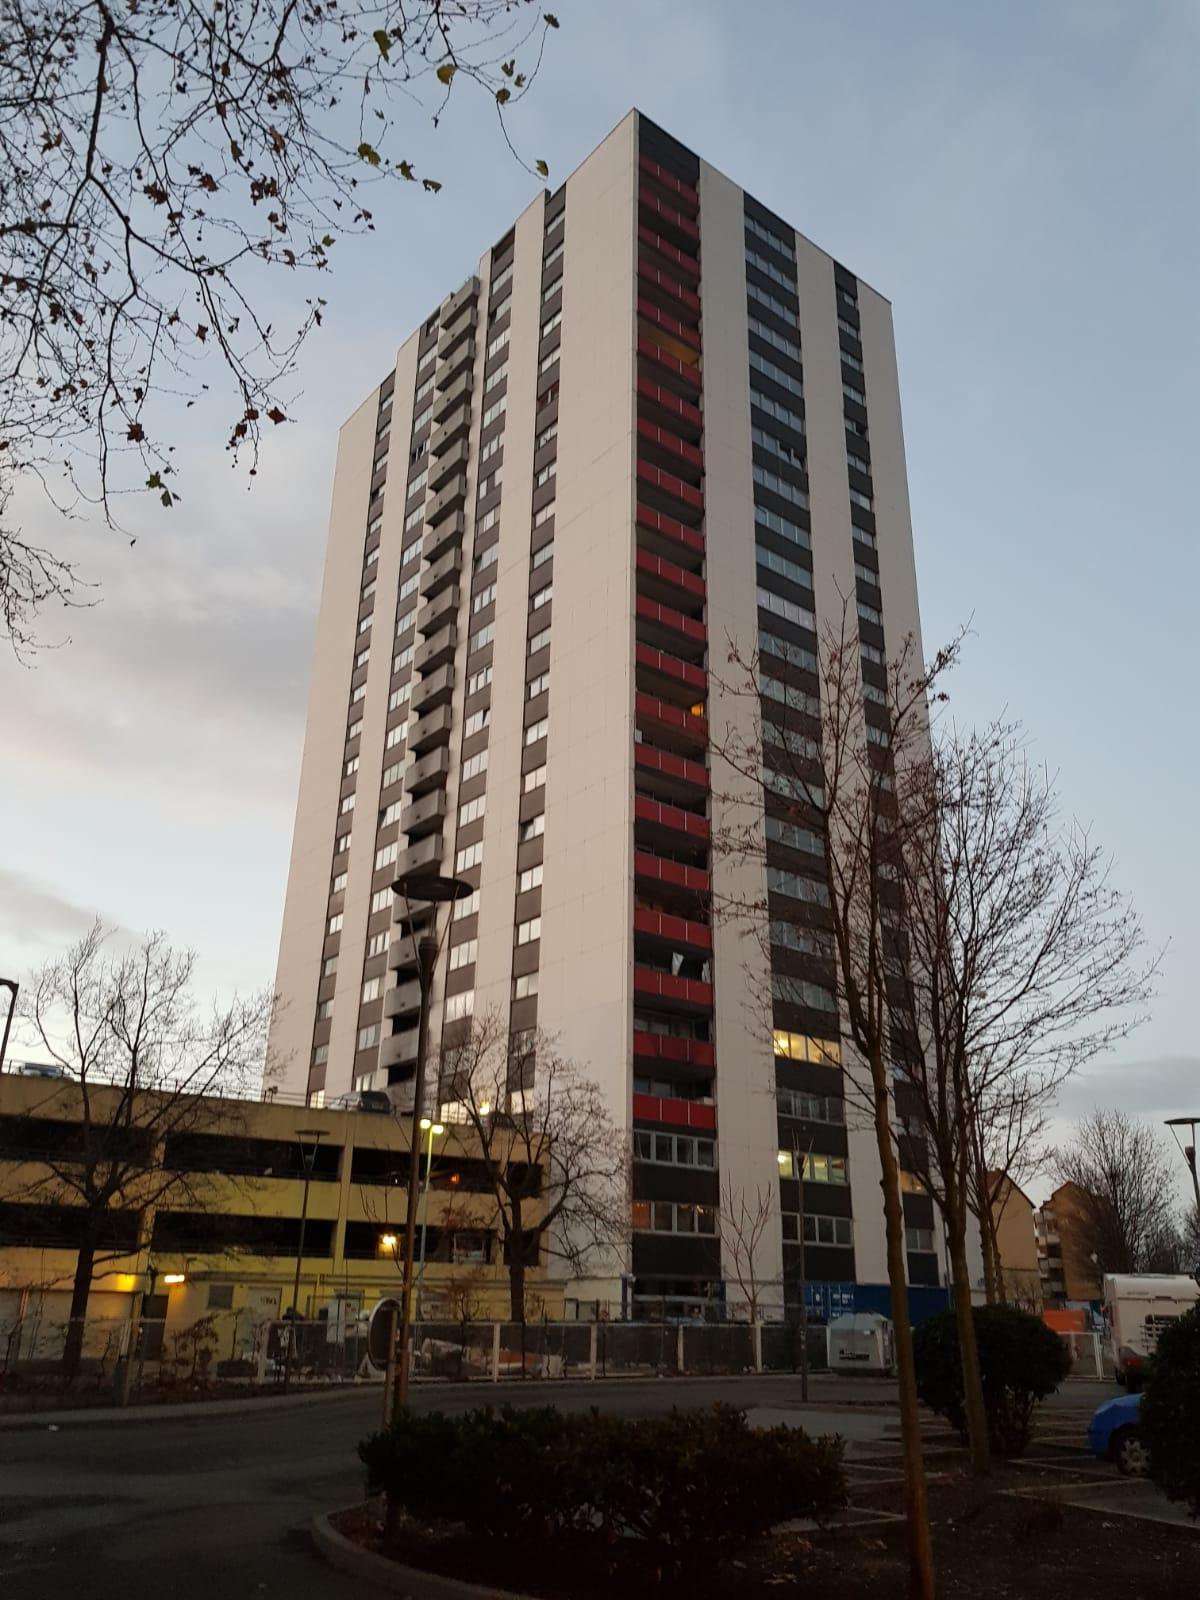 Sanierte Etagenwohnung im Zentrum von Ludwigshafen, ideale Kapitalanlage bei Vermietung (5,9 % Bruttorendite möglich)